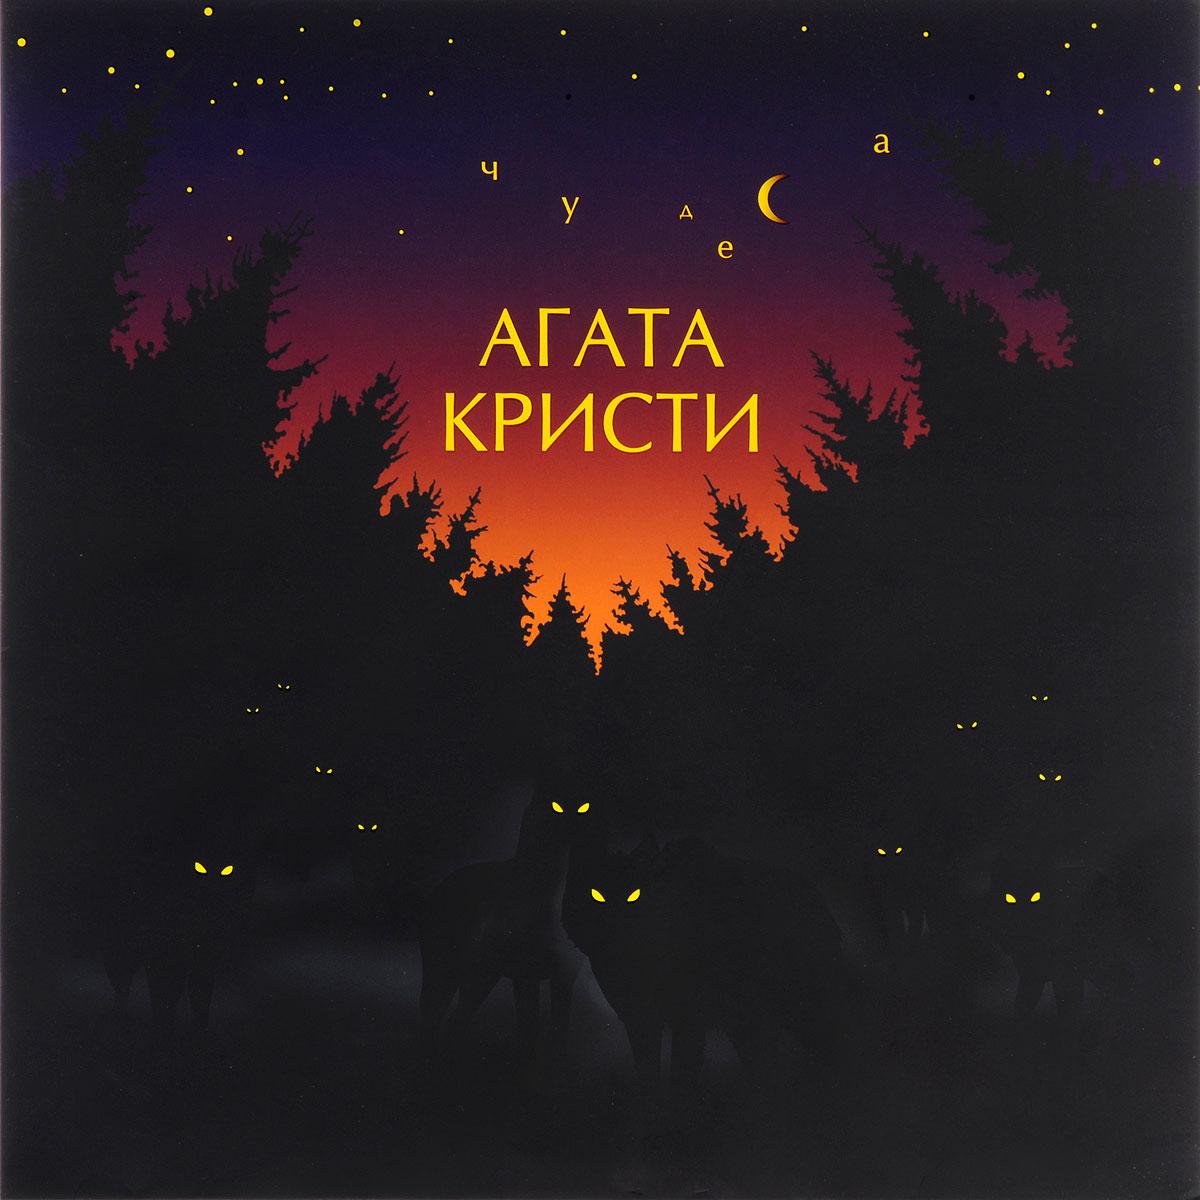 Агата Кристи Агата Кристи. Чудеса (LP) агата кристи коварство и любовь lp